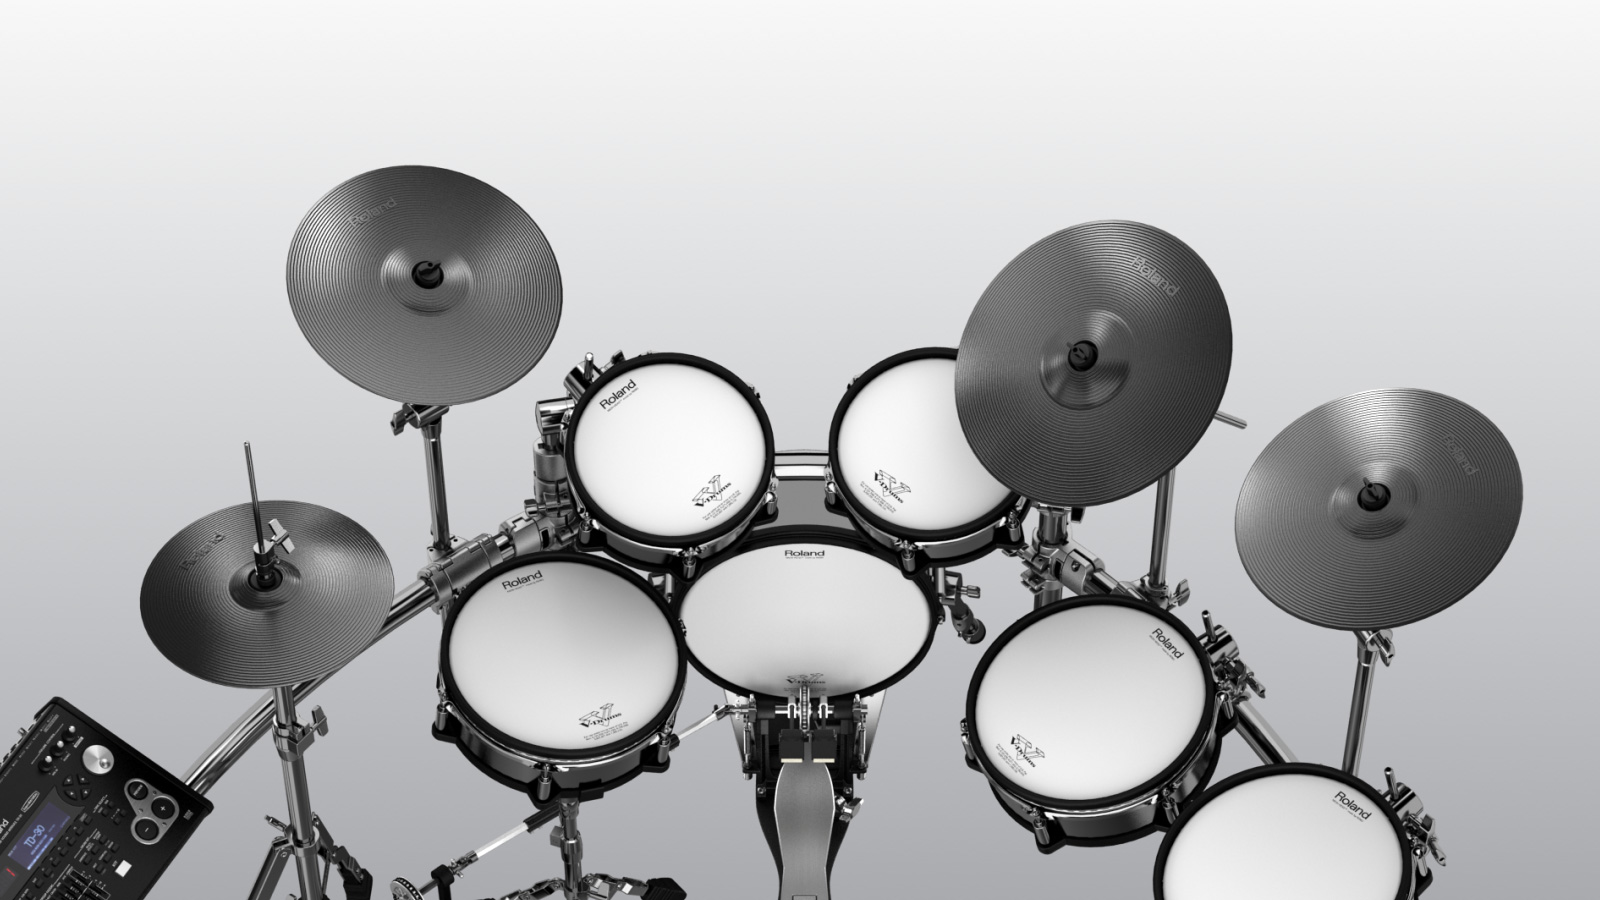 roland td 30kv v drums. Black Bedroom Furniture Sets. Home Design Ideas